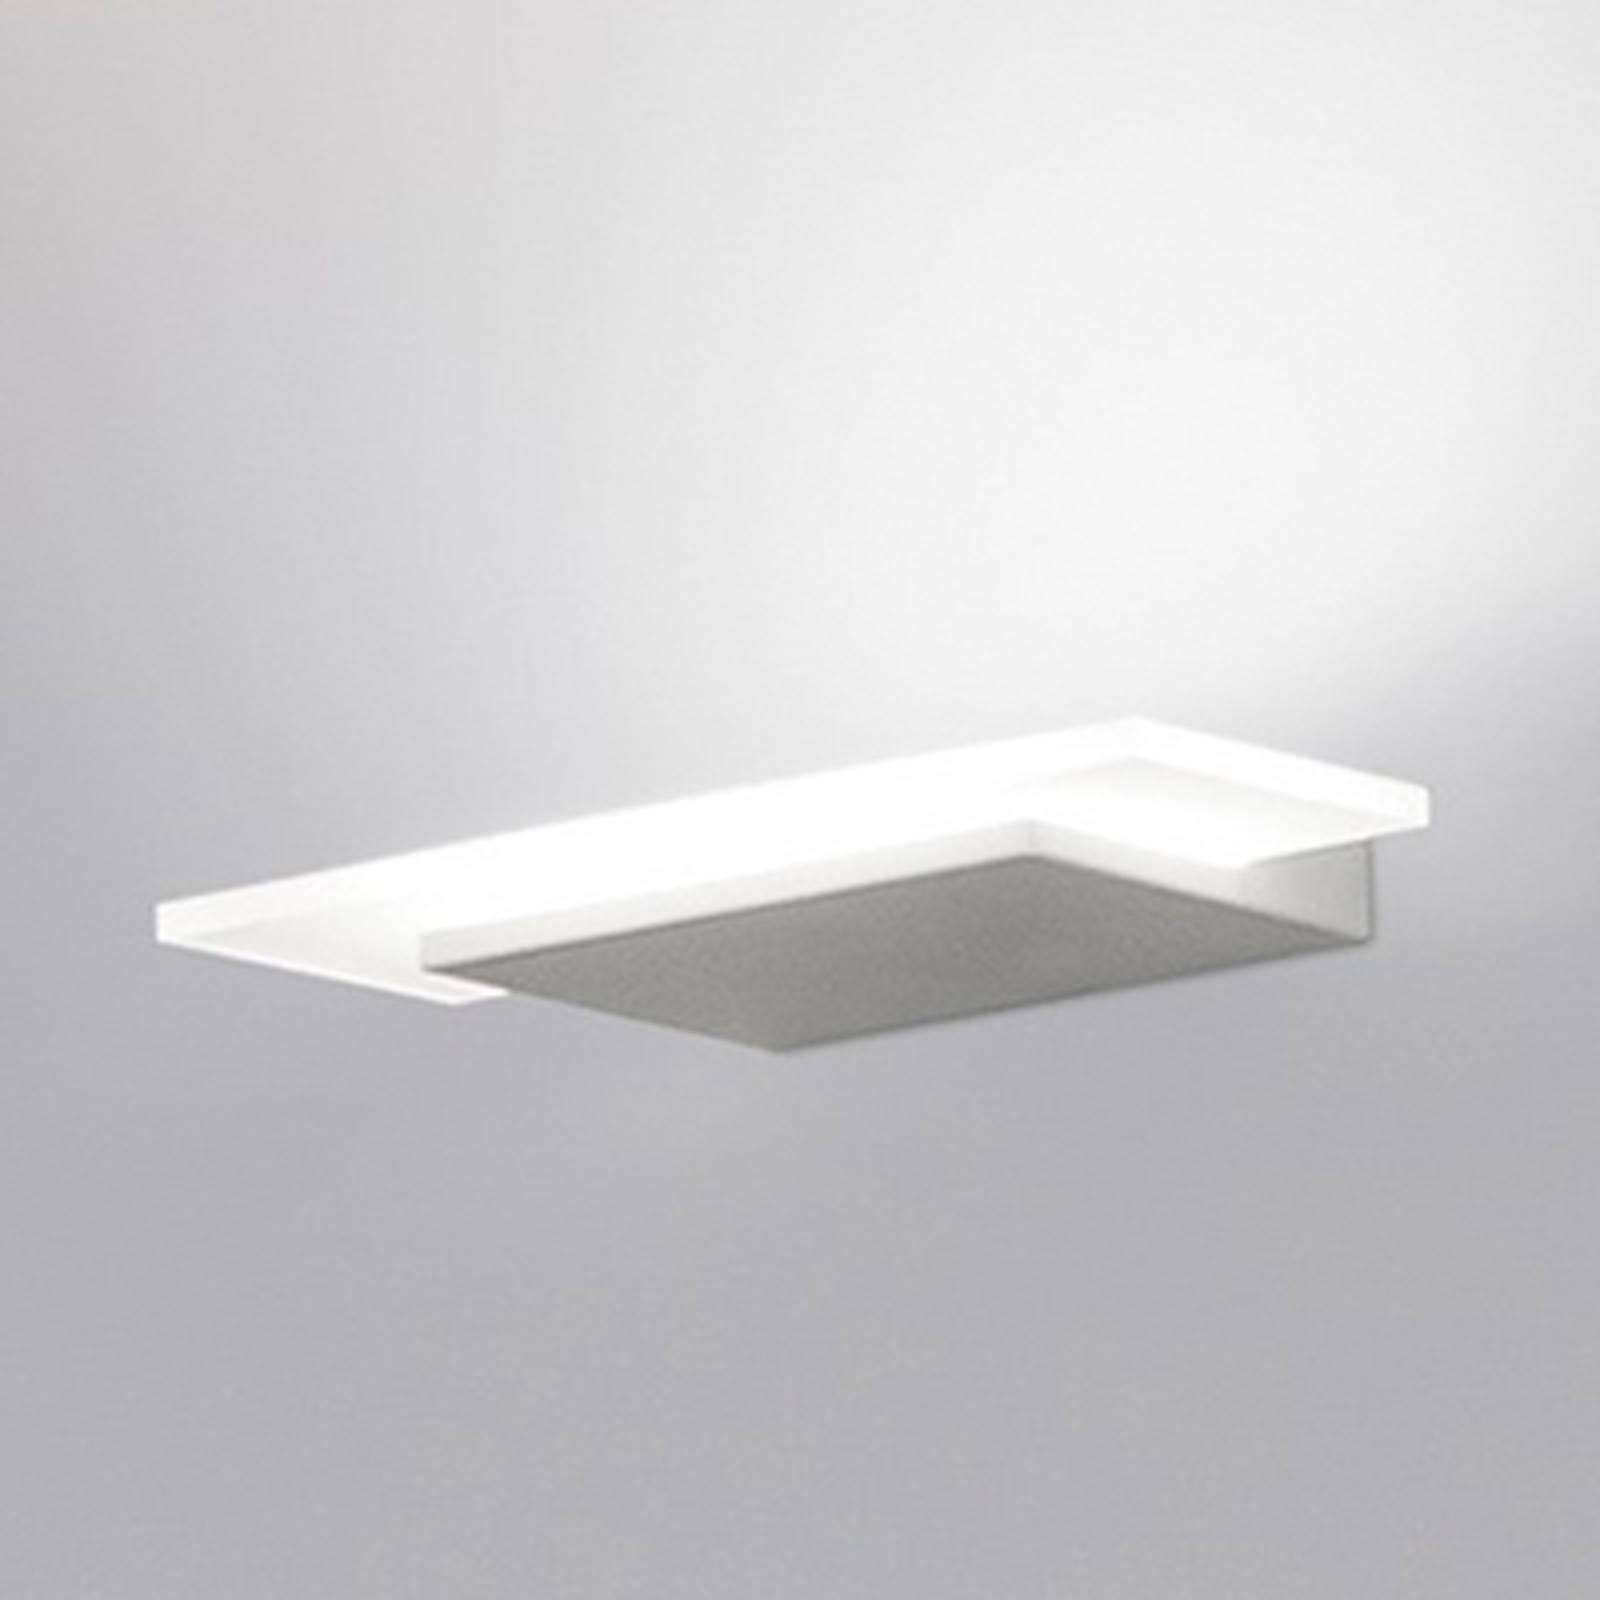 Dublight - LED-seinävalaisin, 30 cm